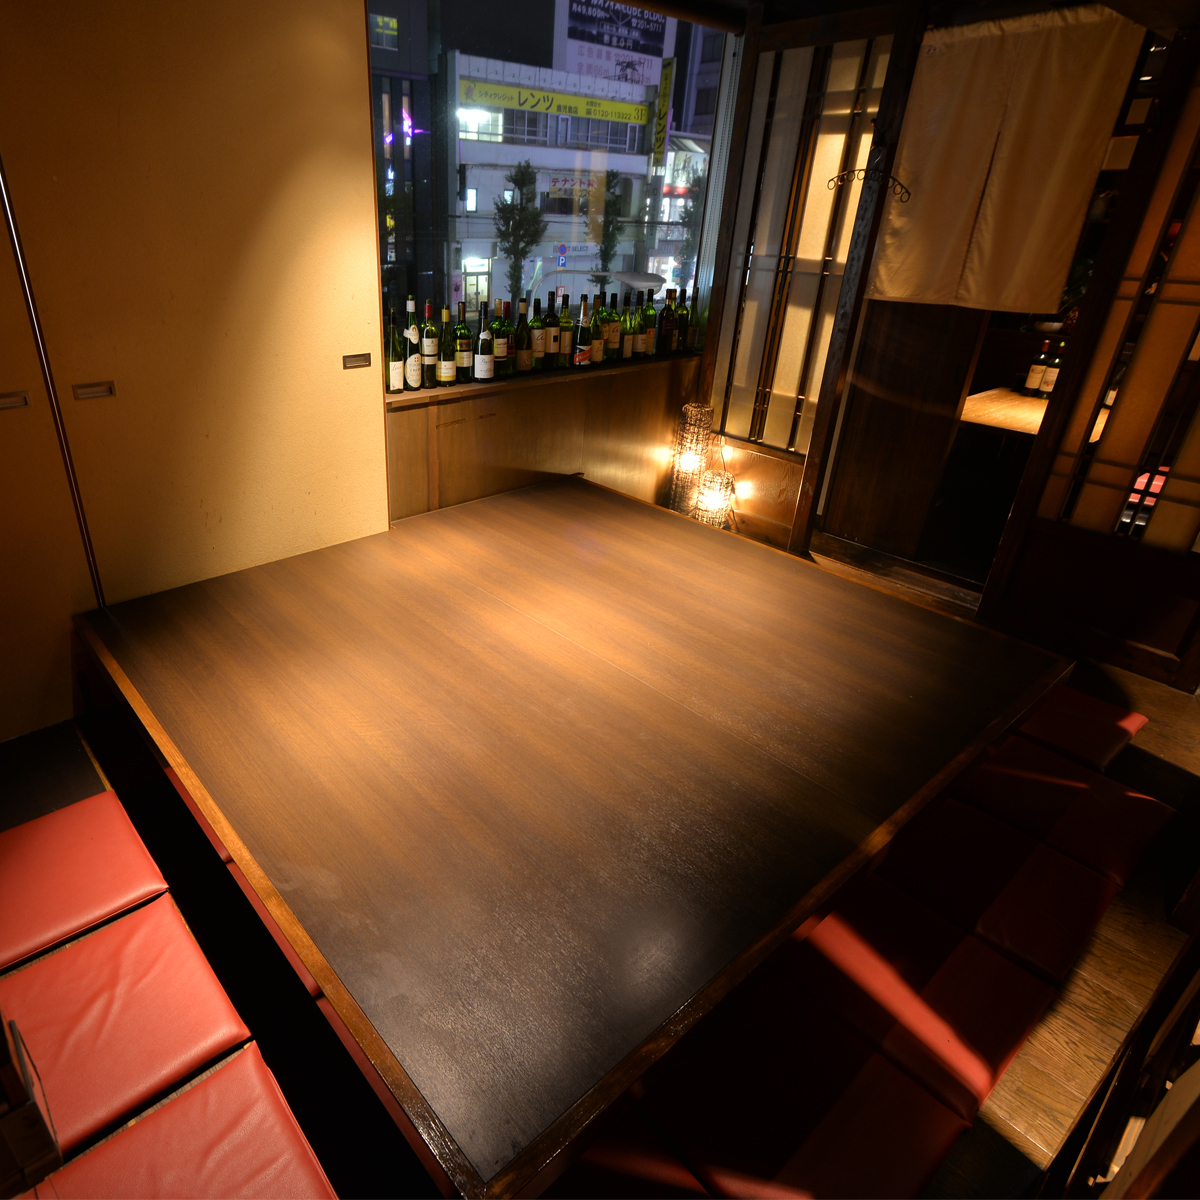 放鬆的Osaki私人房間是帶間接照明的現代美容空間。平靜的燈光和日式空間很舒適,距離重要的一個距離很近。店內可使用2人至40人。【天文樓·居酒屋·小屋·包房·當地美食】